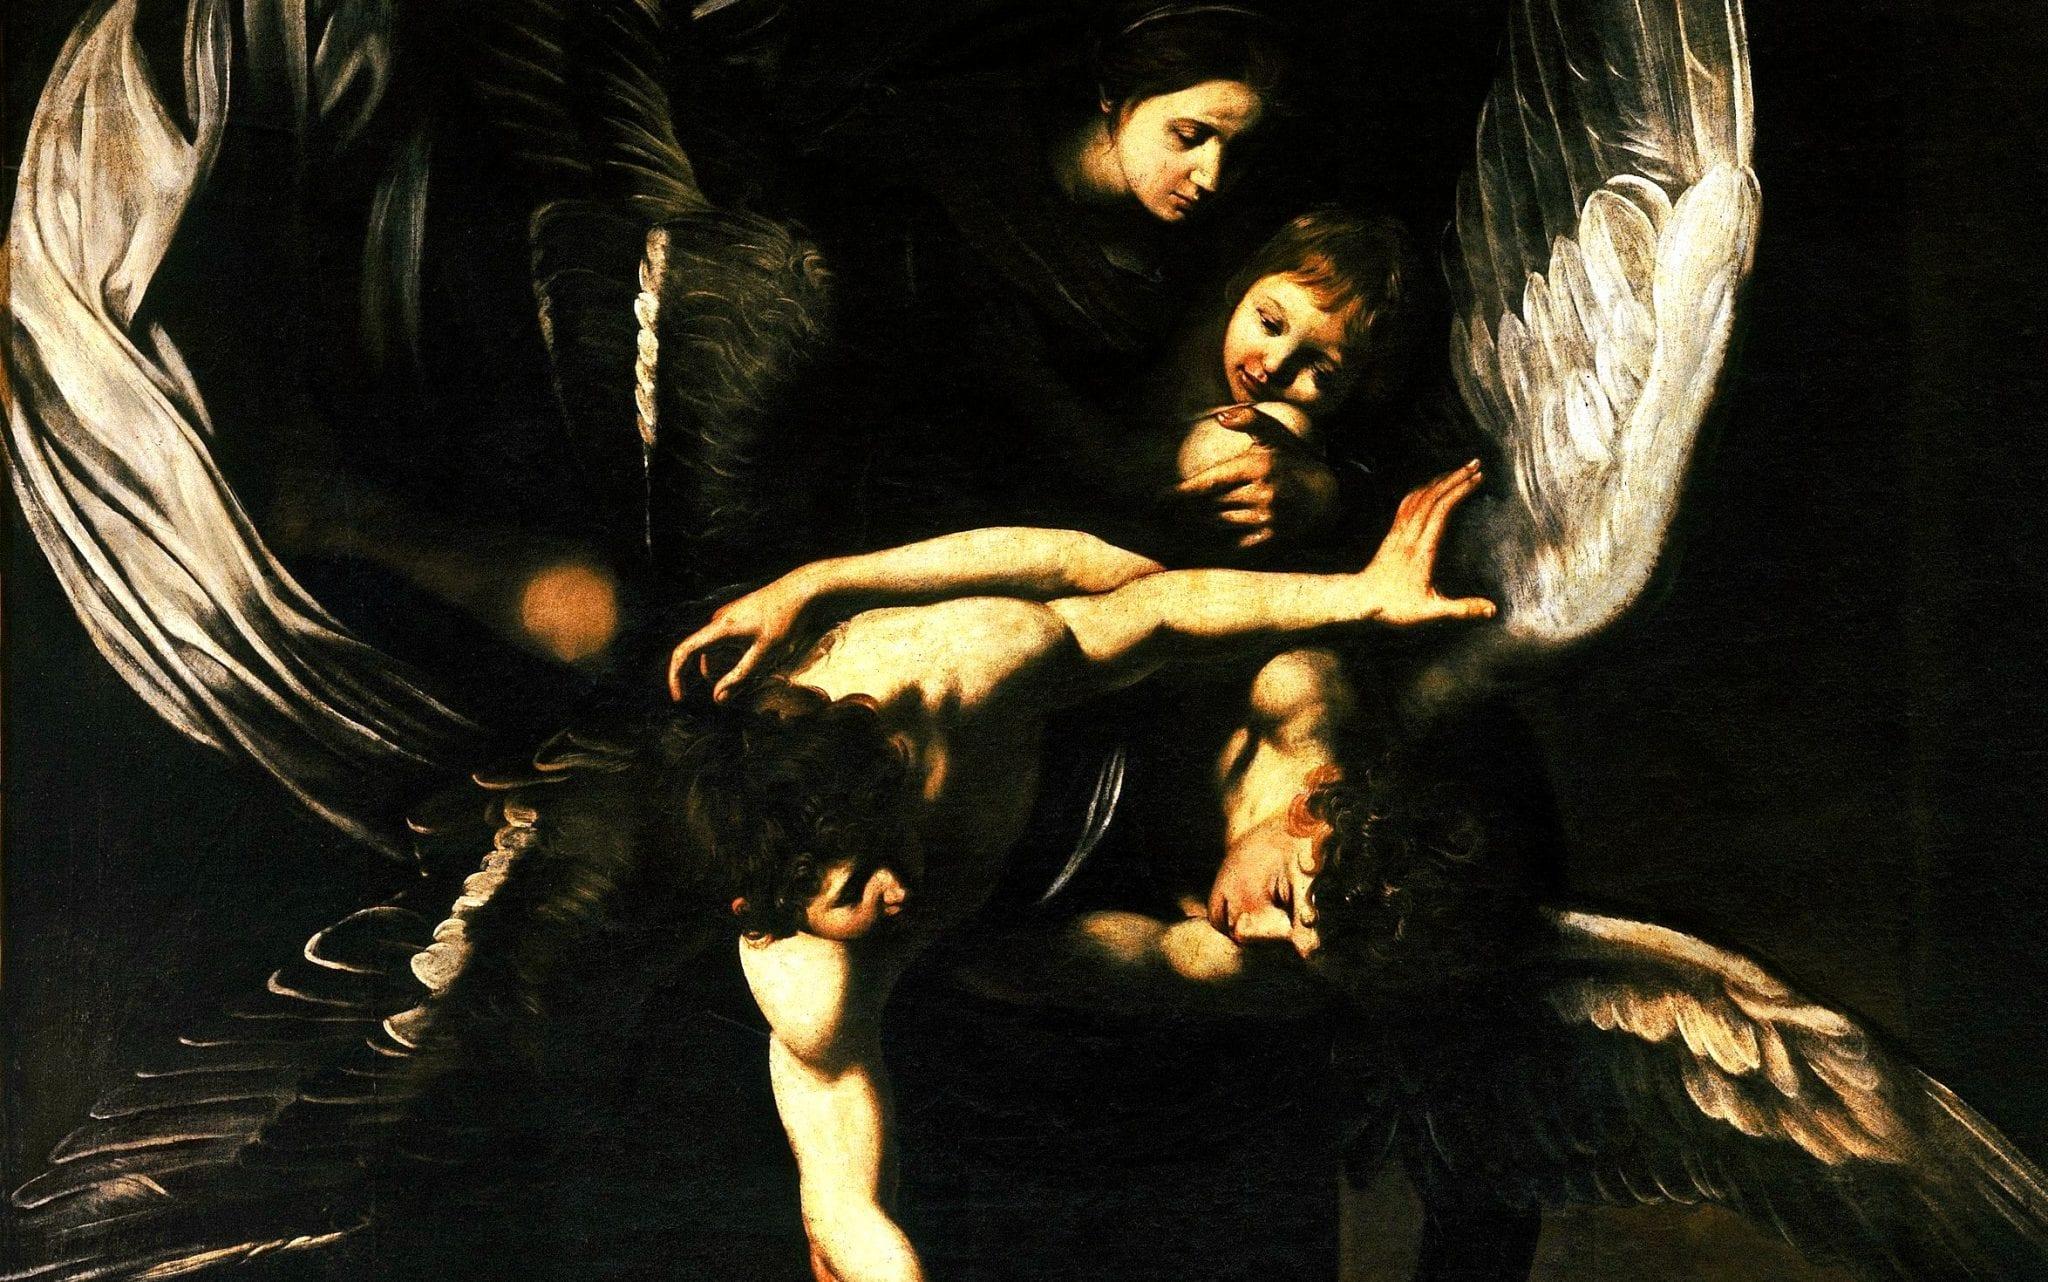 """Il ministro Bonisoli attacca Riccardo Muti per le polemiche su Caravaggio: """"Ha una certa età"""""""